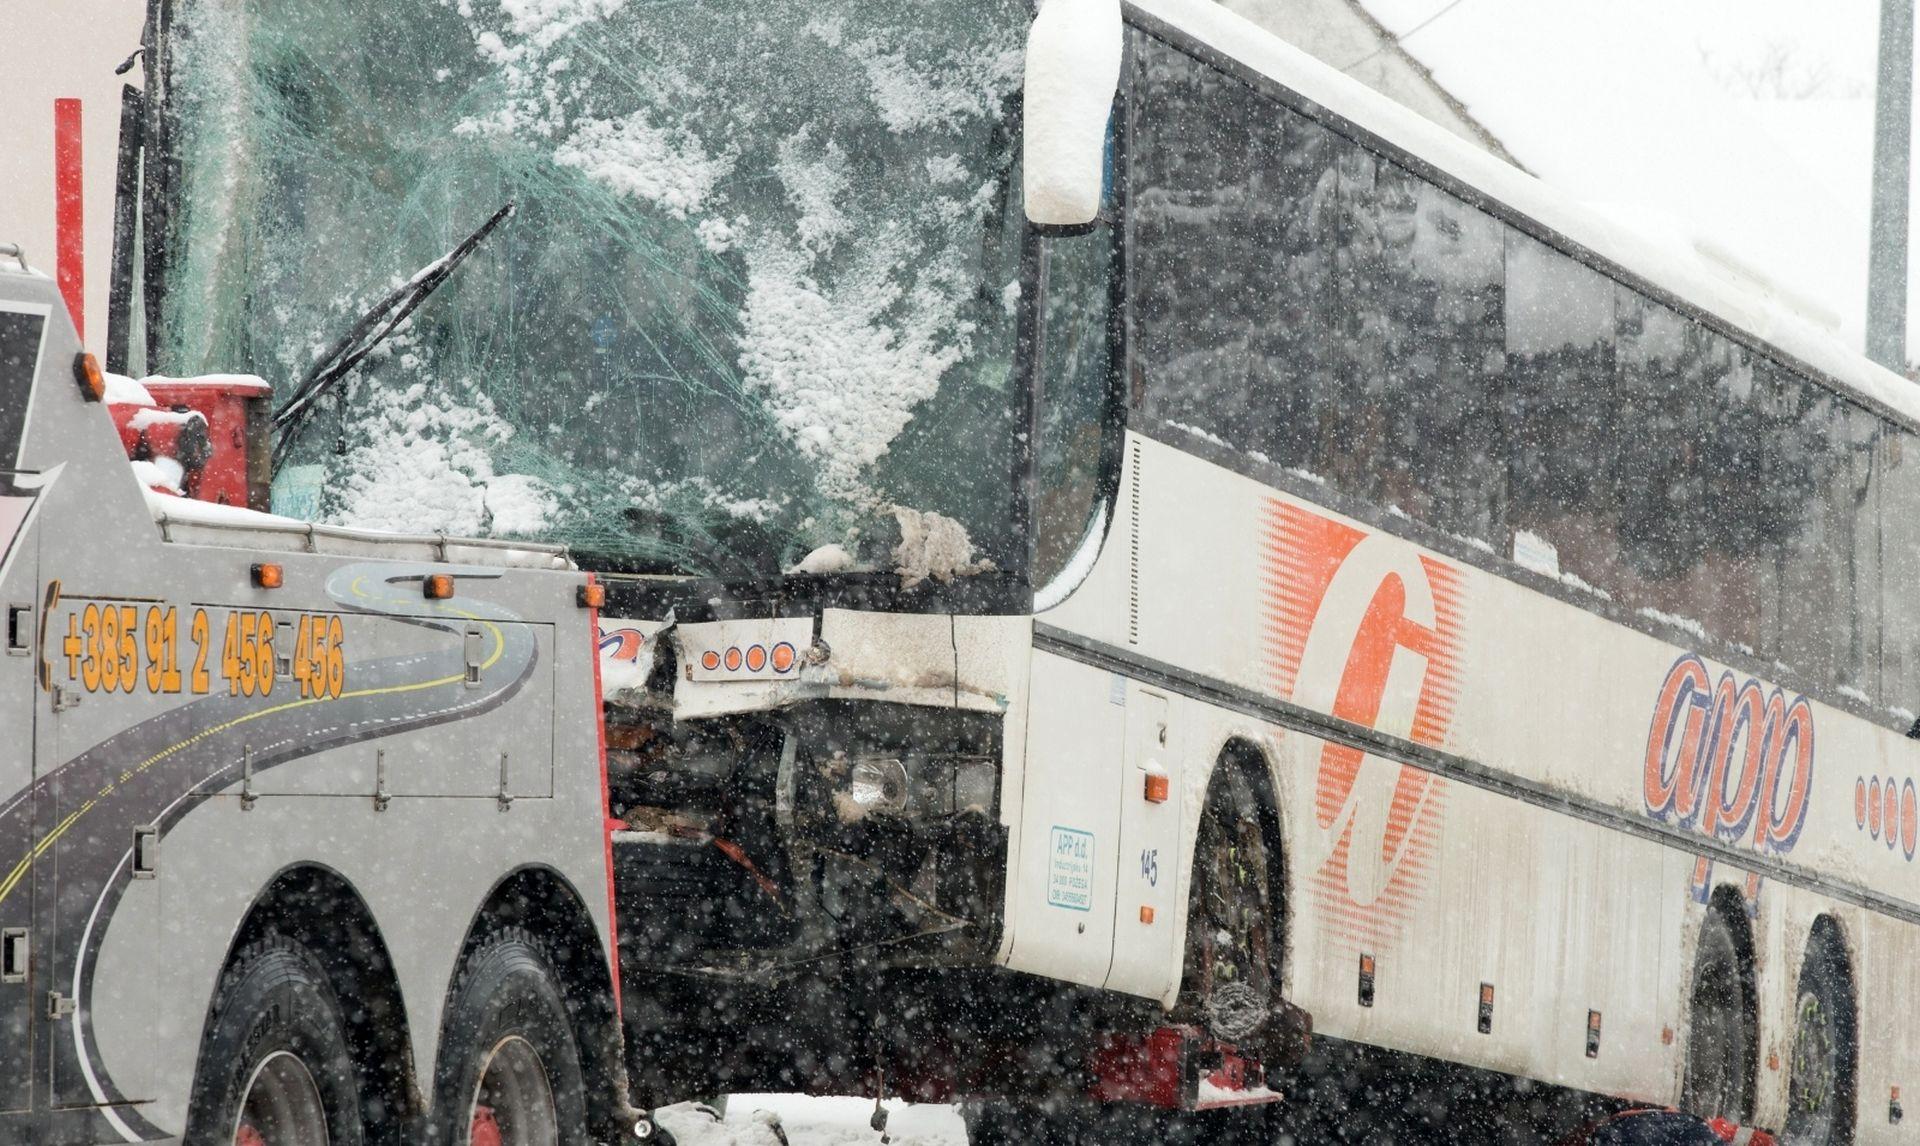 Autobus pun vojnika zabio se u kuću, dvojica ozlijeđena